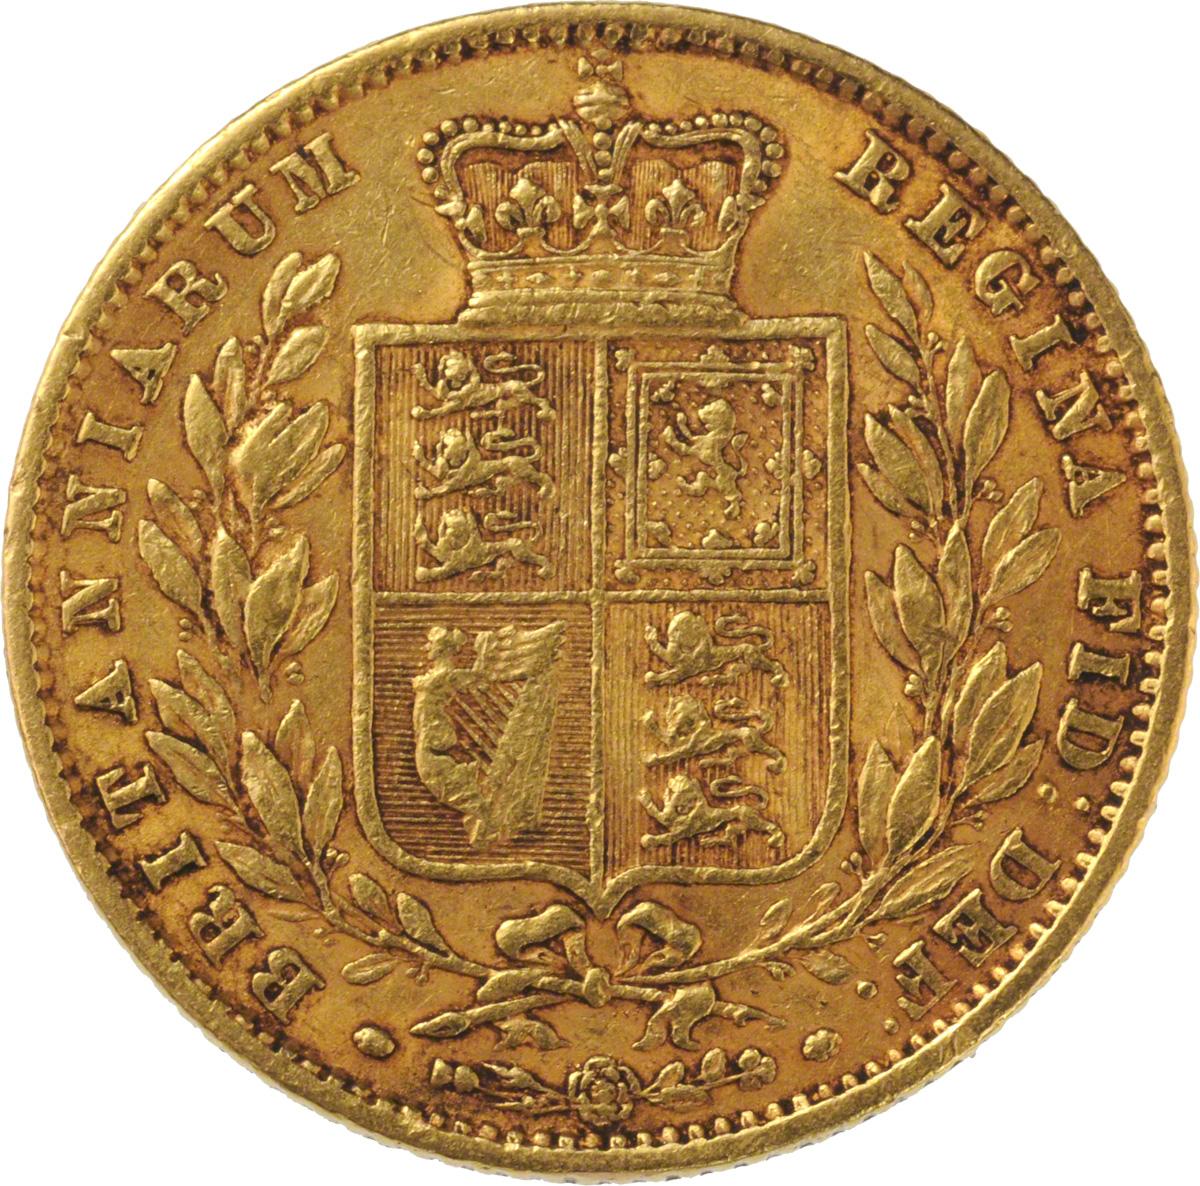 1862 Βικτώρια (Νομισματοκοπείο Λονδίνου)